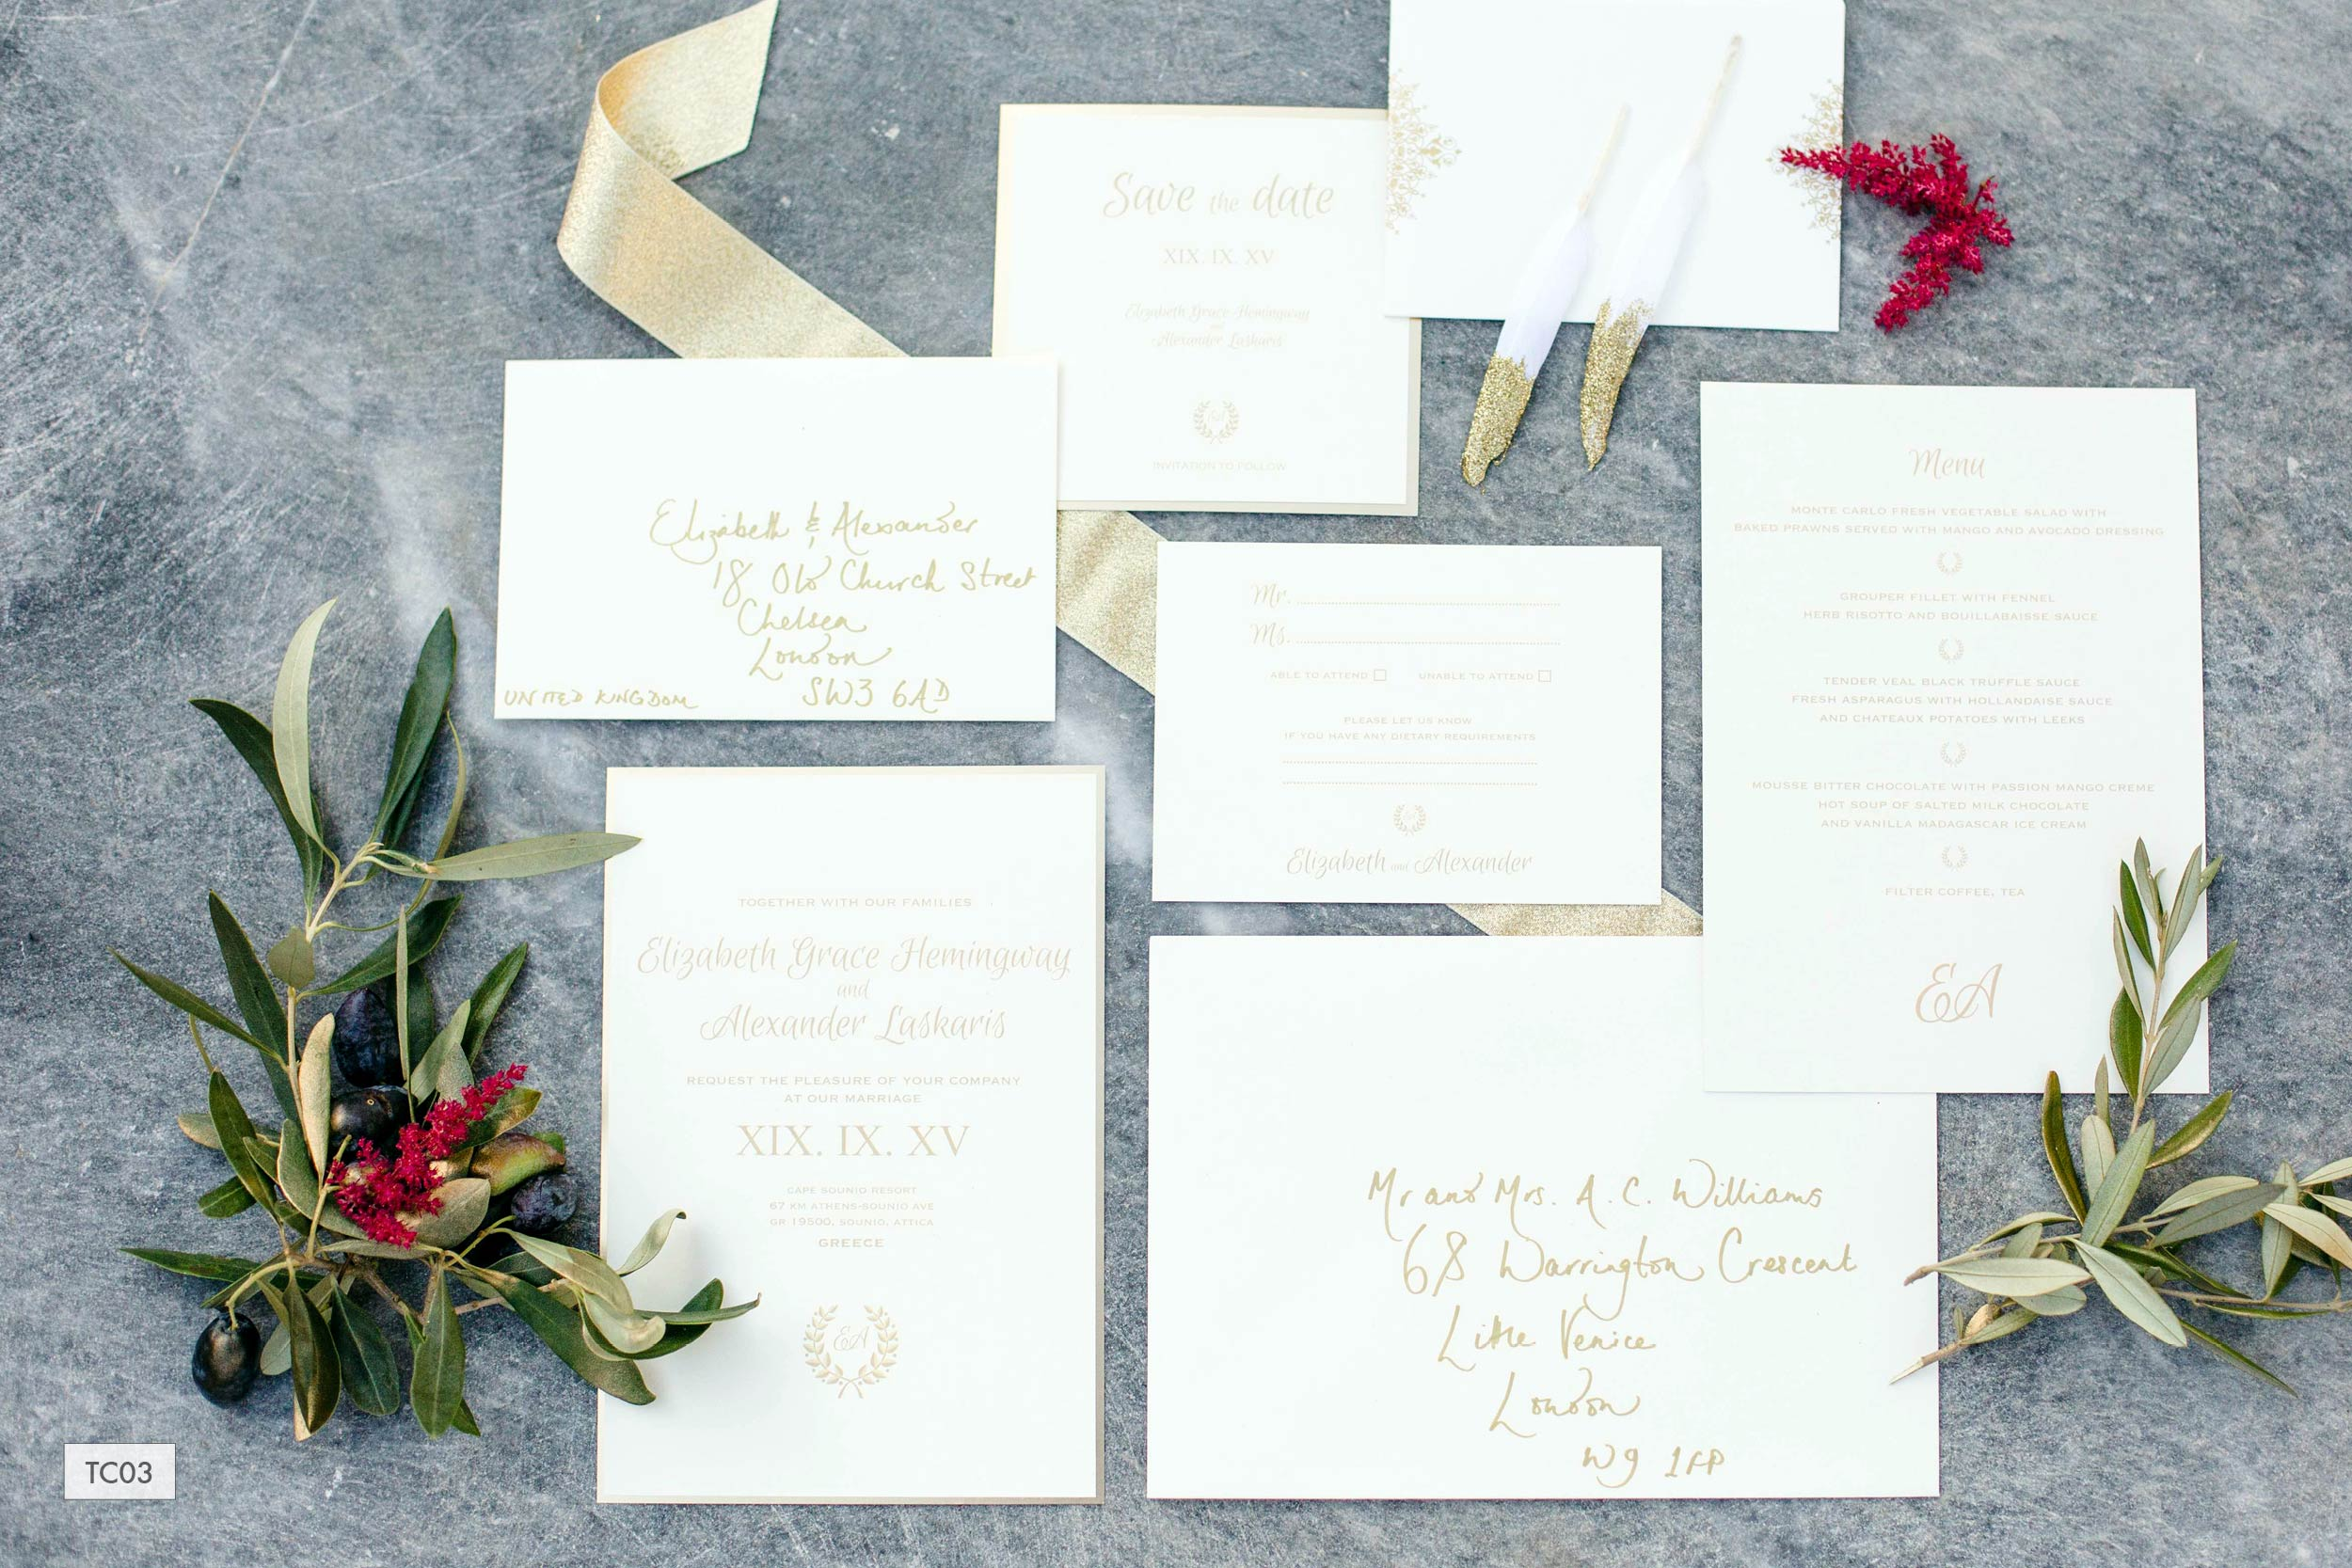 ananya-wedding-stationery-timeless-classics7.jpg